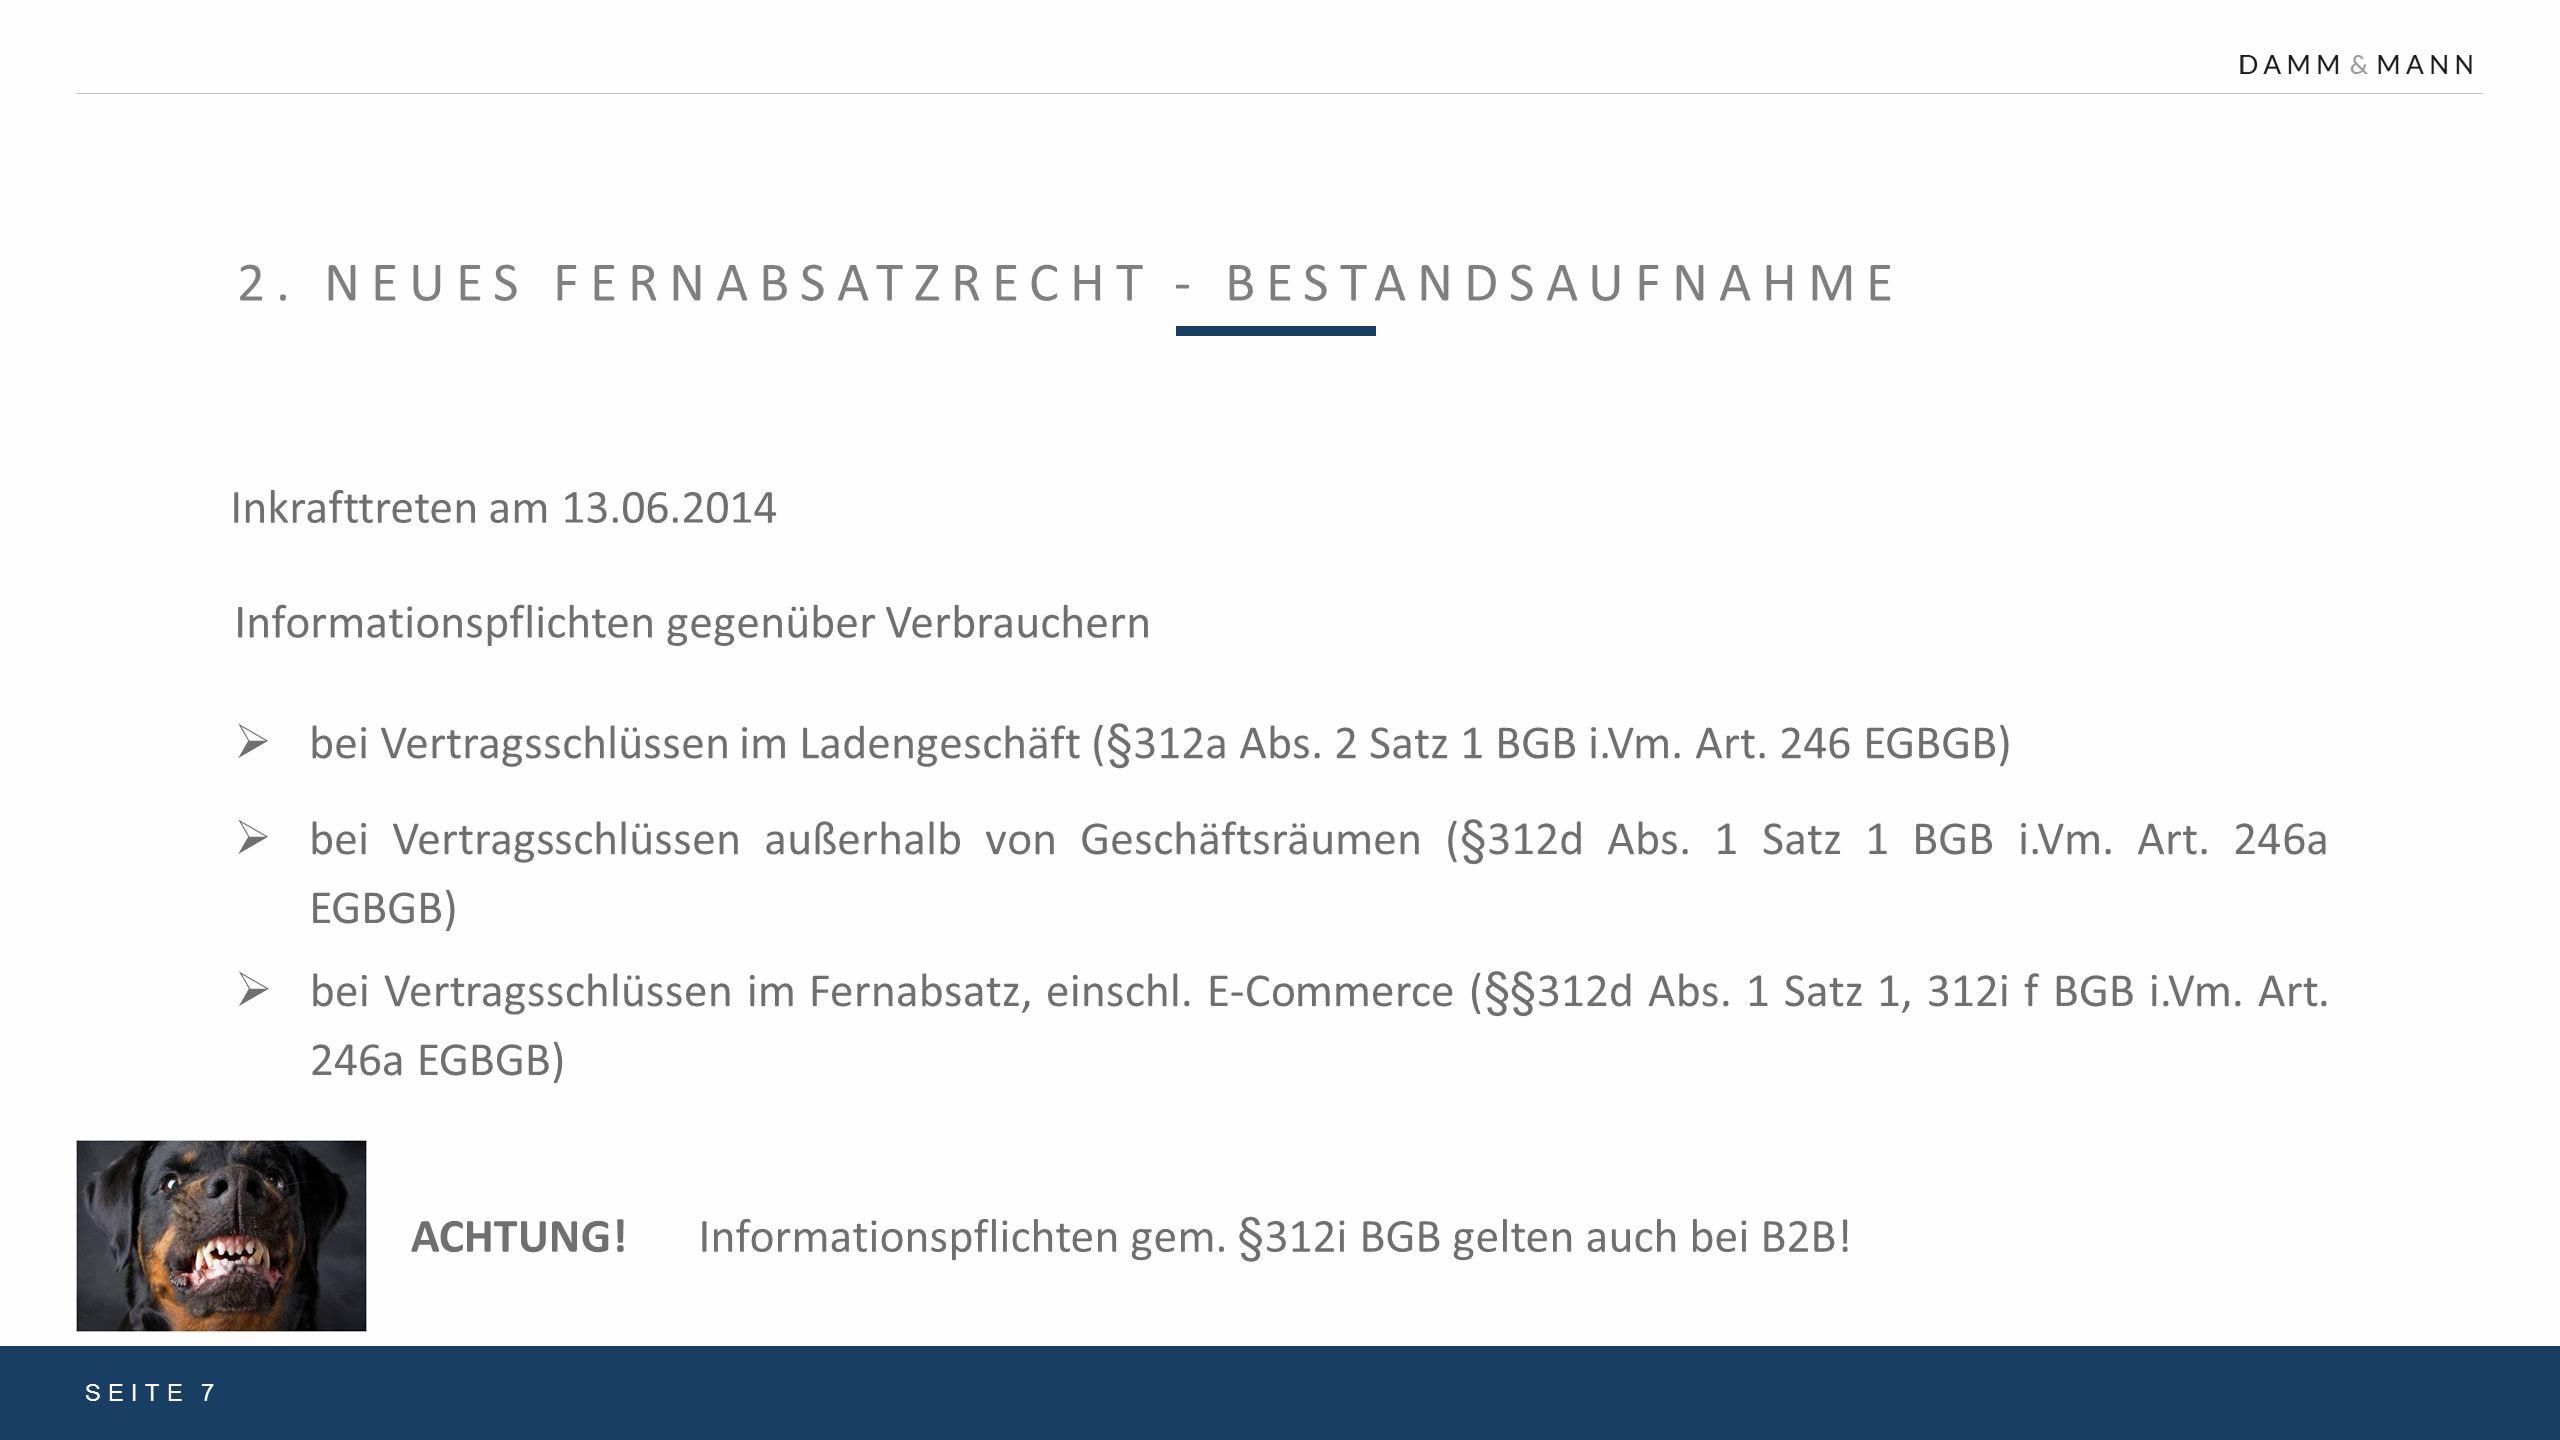 2. NEUES FERNABSATZRECHT - BESTANDSAUFNAHME Inkrafttreten am 13.06.2014 SEITE 7  bei Vertragsschlüssen im Ladengeschäft (§312a Abs. 2 Satz 1 BGB i.Vm